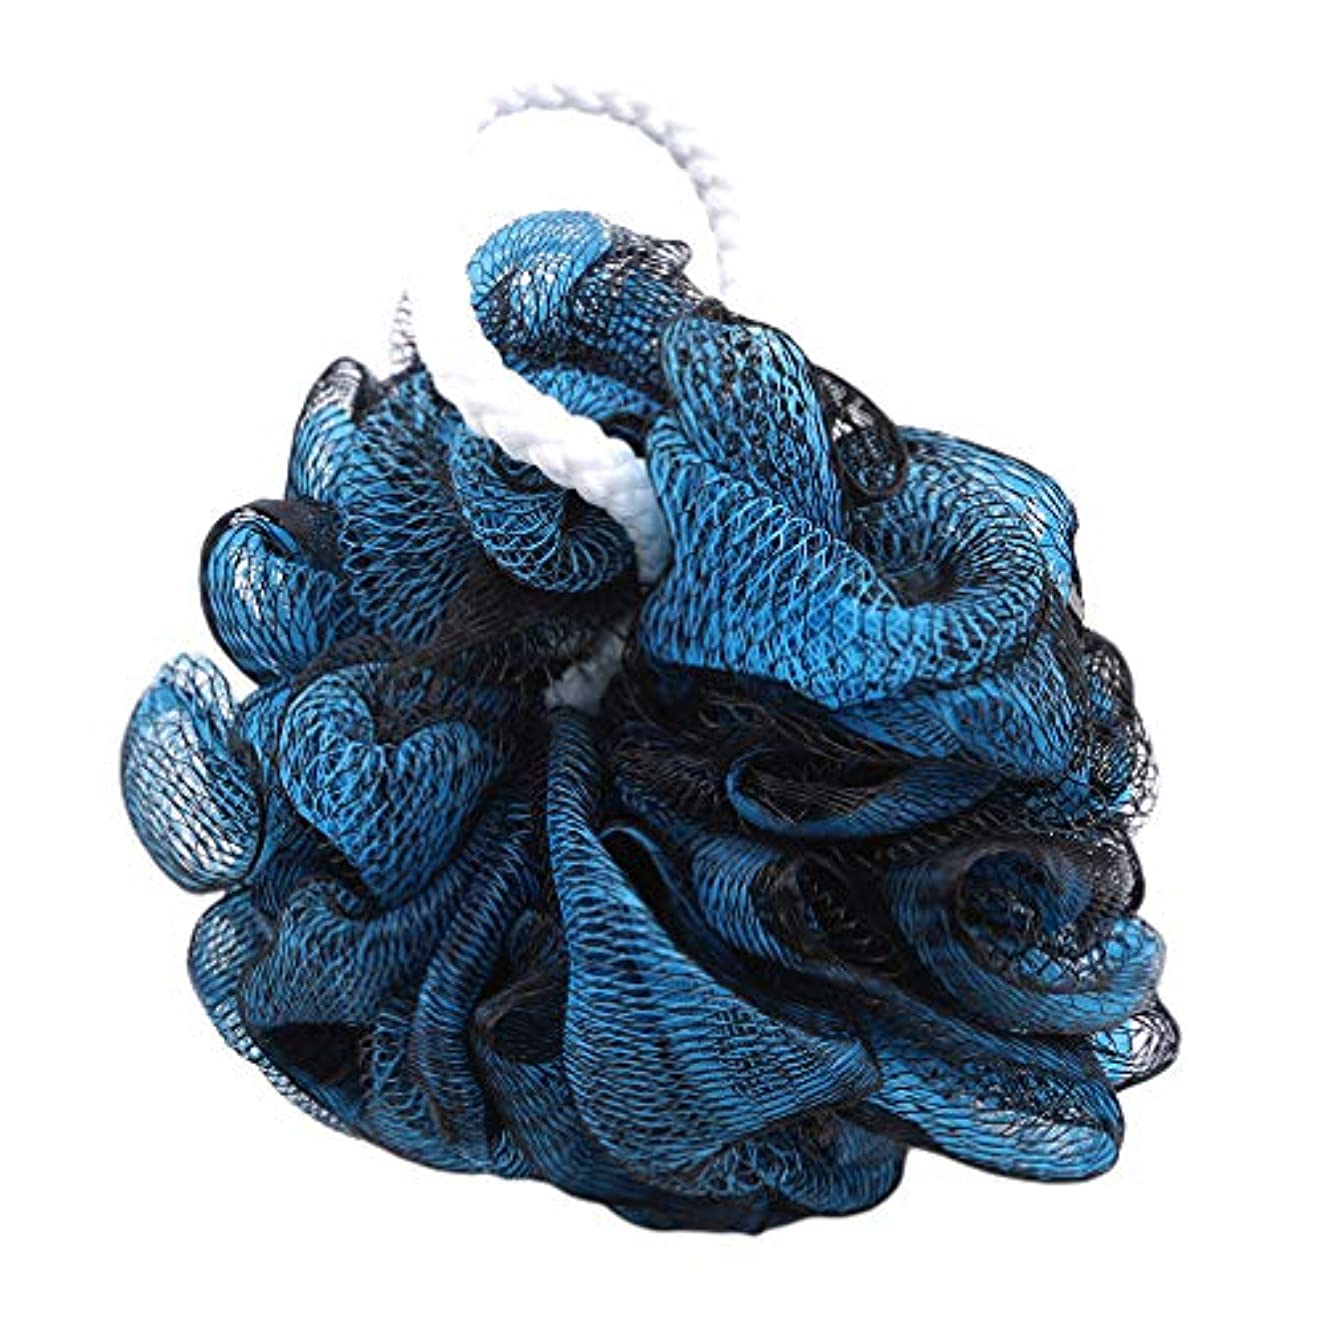 セグメントフェリー体操選手火の色 ボディウォッシュボール ボディ用お風呂ボール 花形 泡立てネット 超柔軟 ベージュ ふわわん シャワー用 上品 黒藍